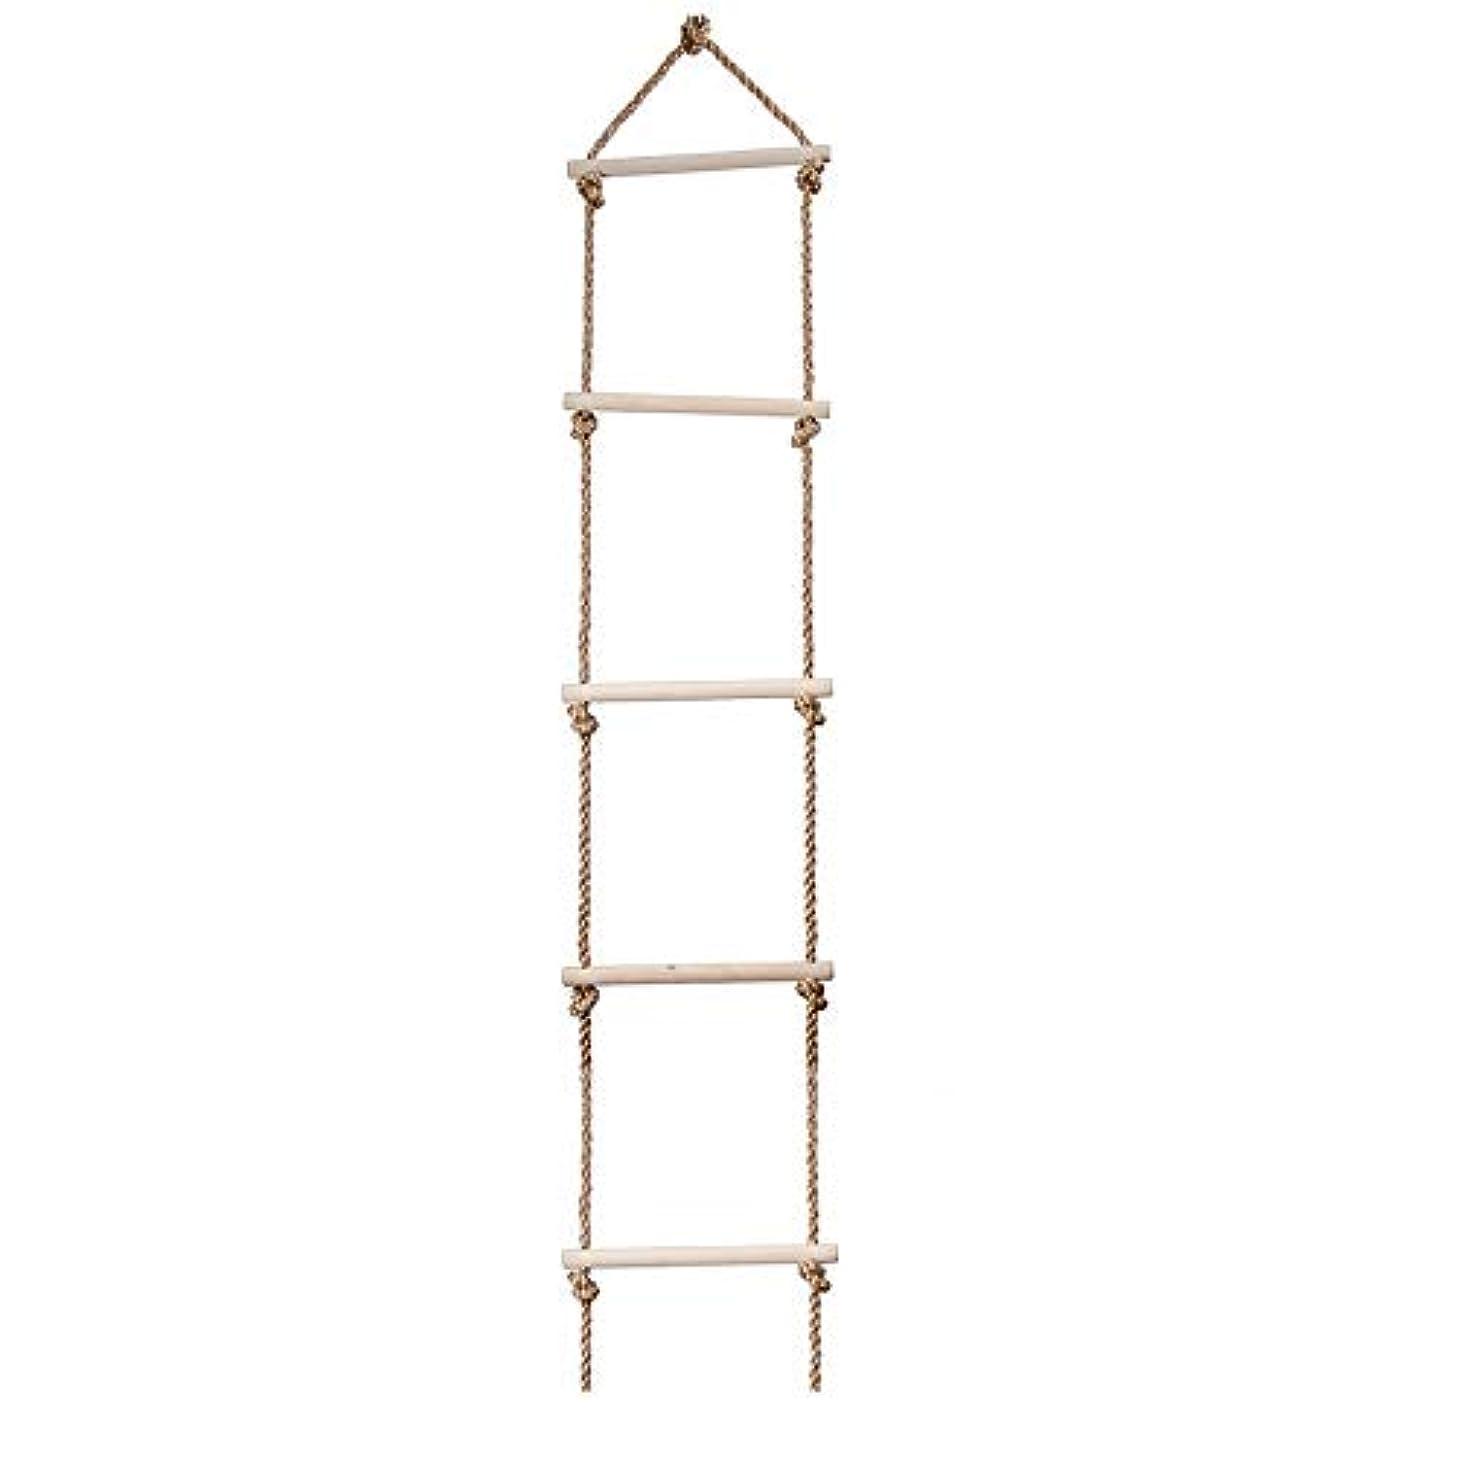 に対応する夕食を食べる完全にSUGE 縄ばしご 木製 梯子 クライミングはしご ぶらんこ おもちゃ 遊び道具 運動 スポーツ アスレチック 子供のため 子ども遊び 5段 1.8m